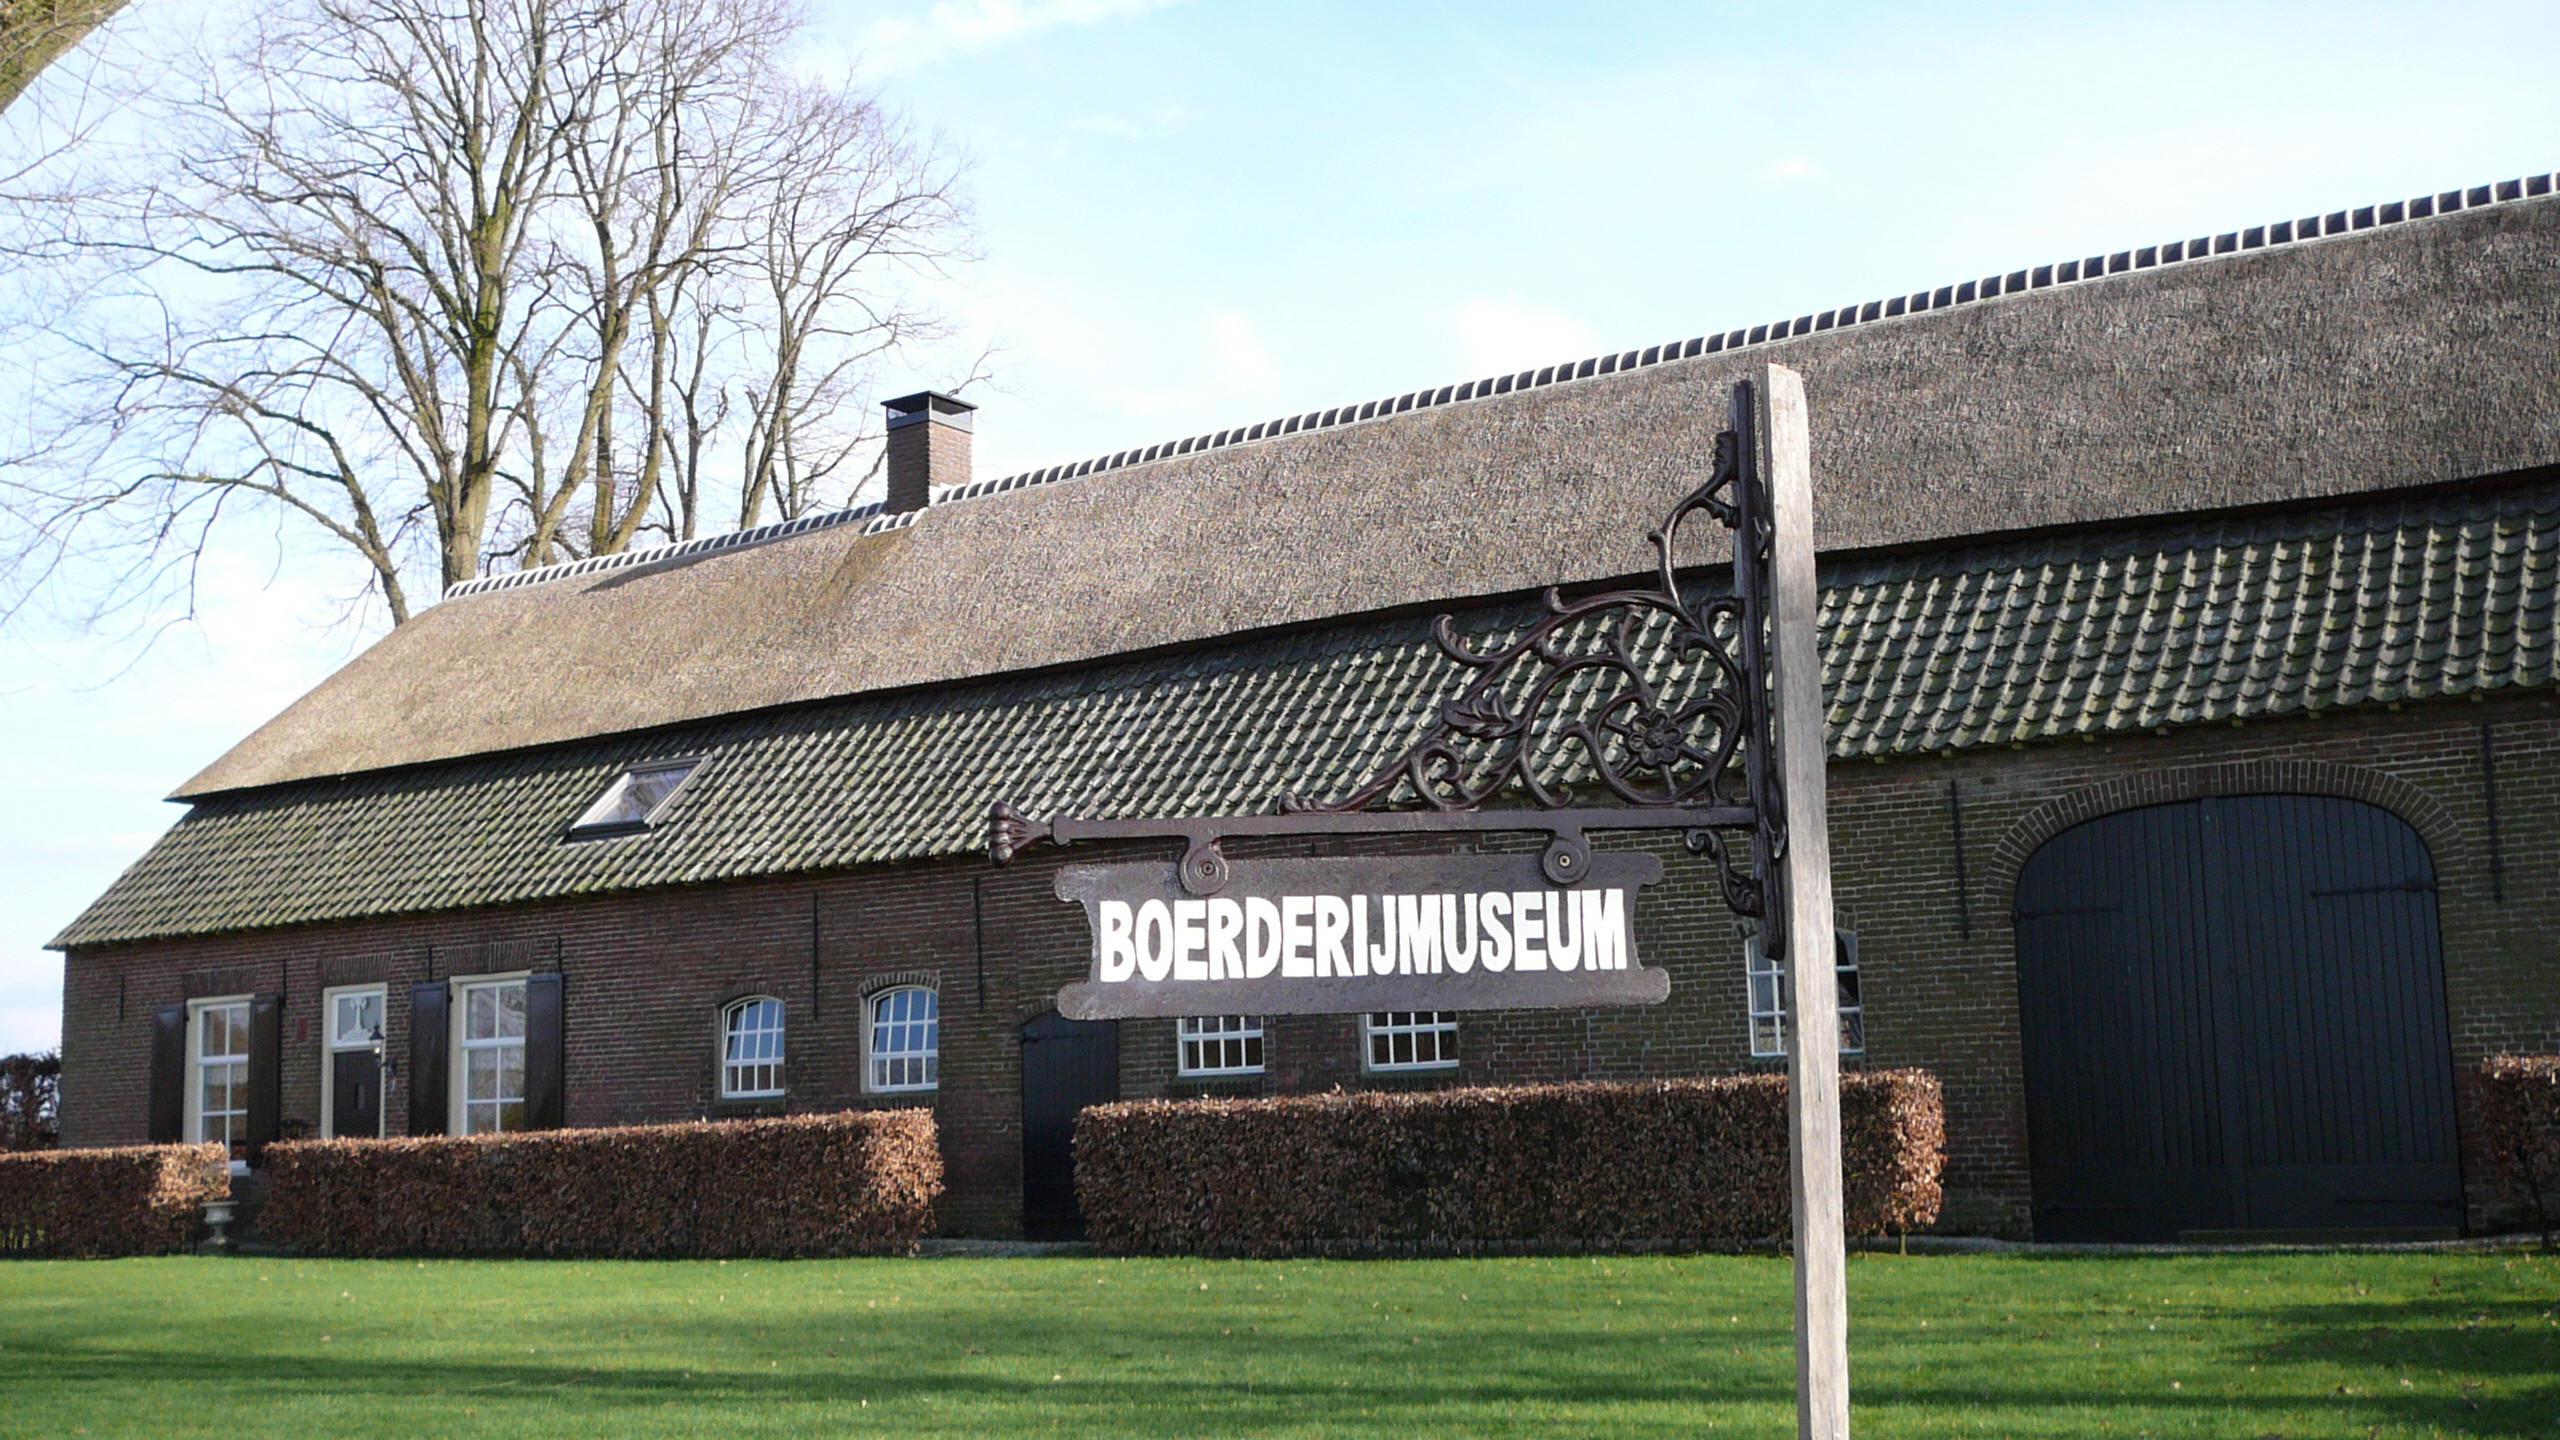 Boerderij Museum Grutje